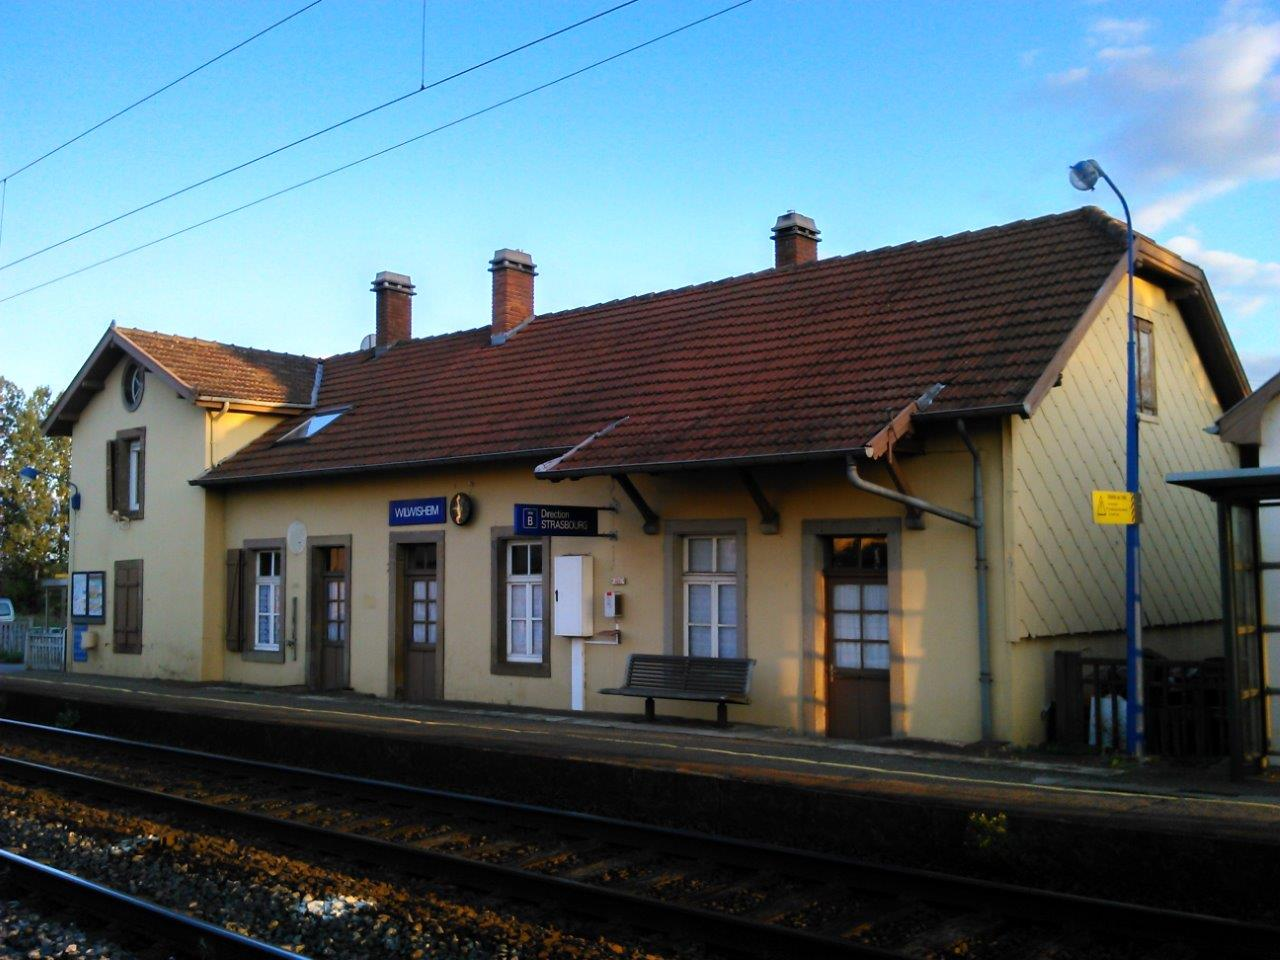 gare-de-wilwisheim-train-station